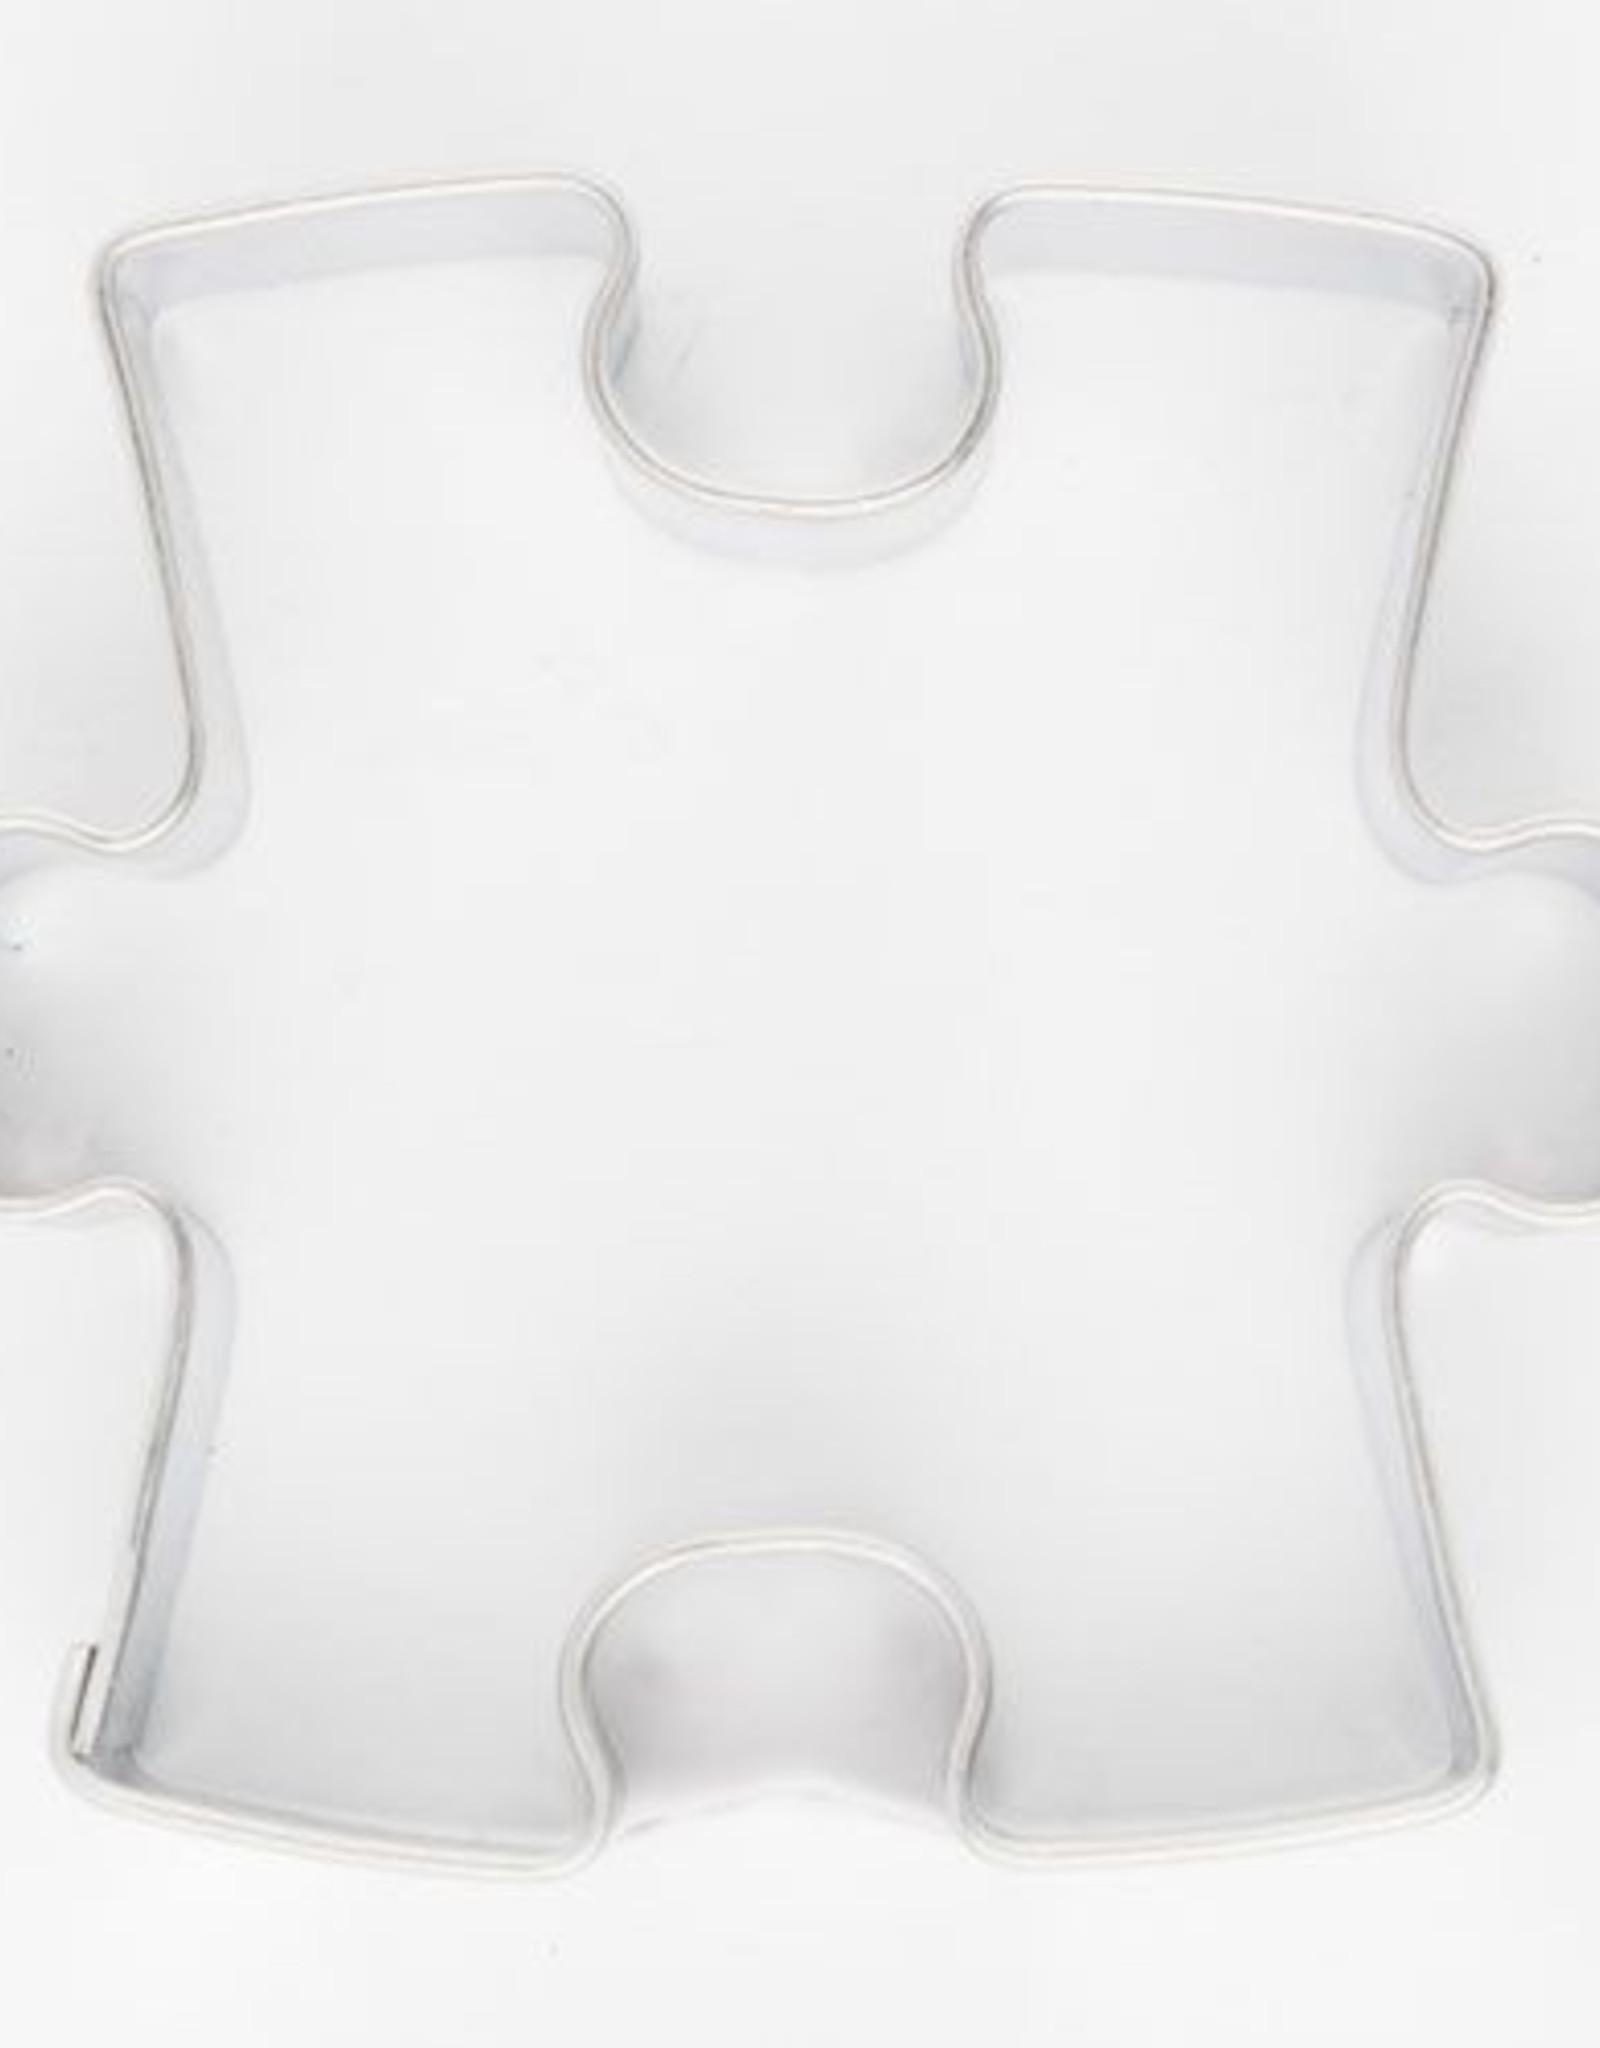 Uitsteker puzzelstuk - 4,5 cm